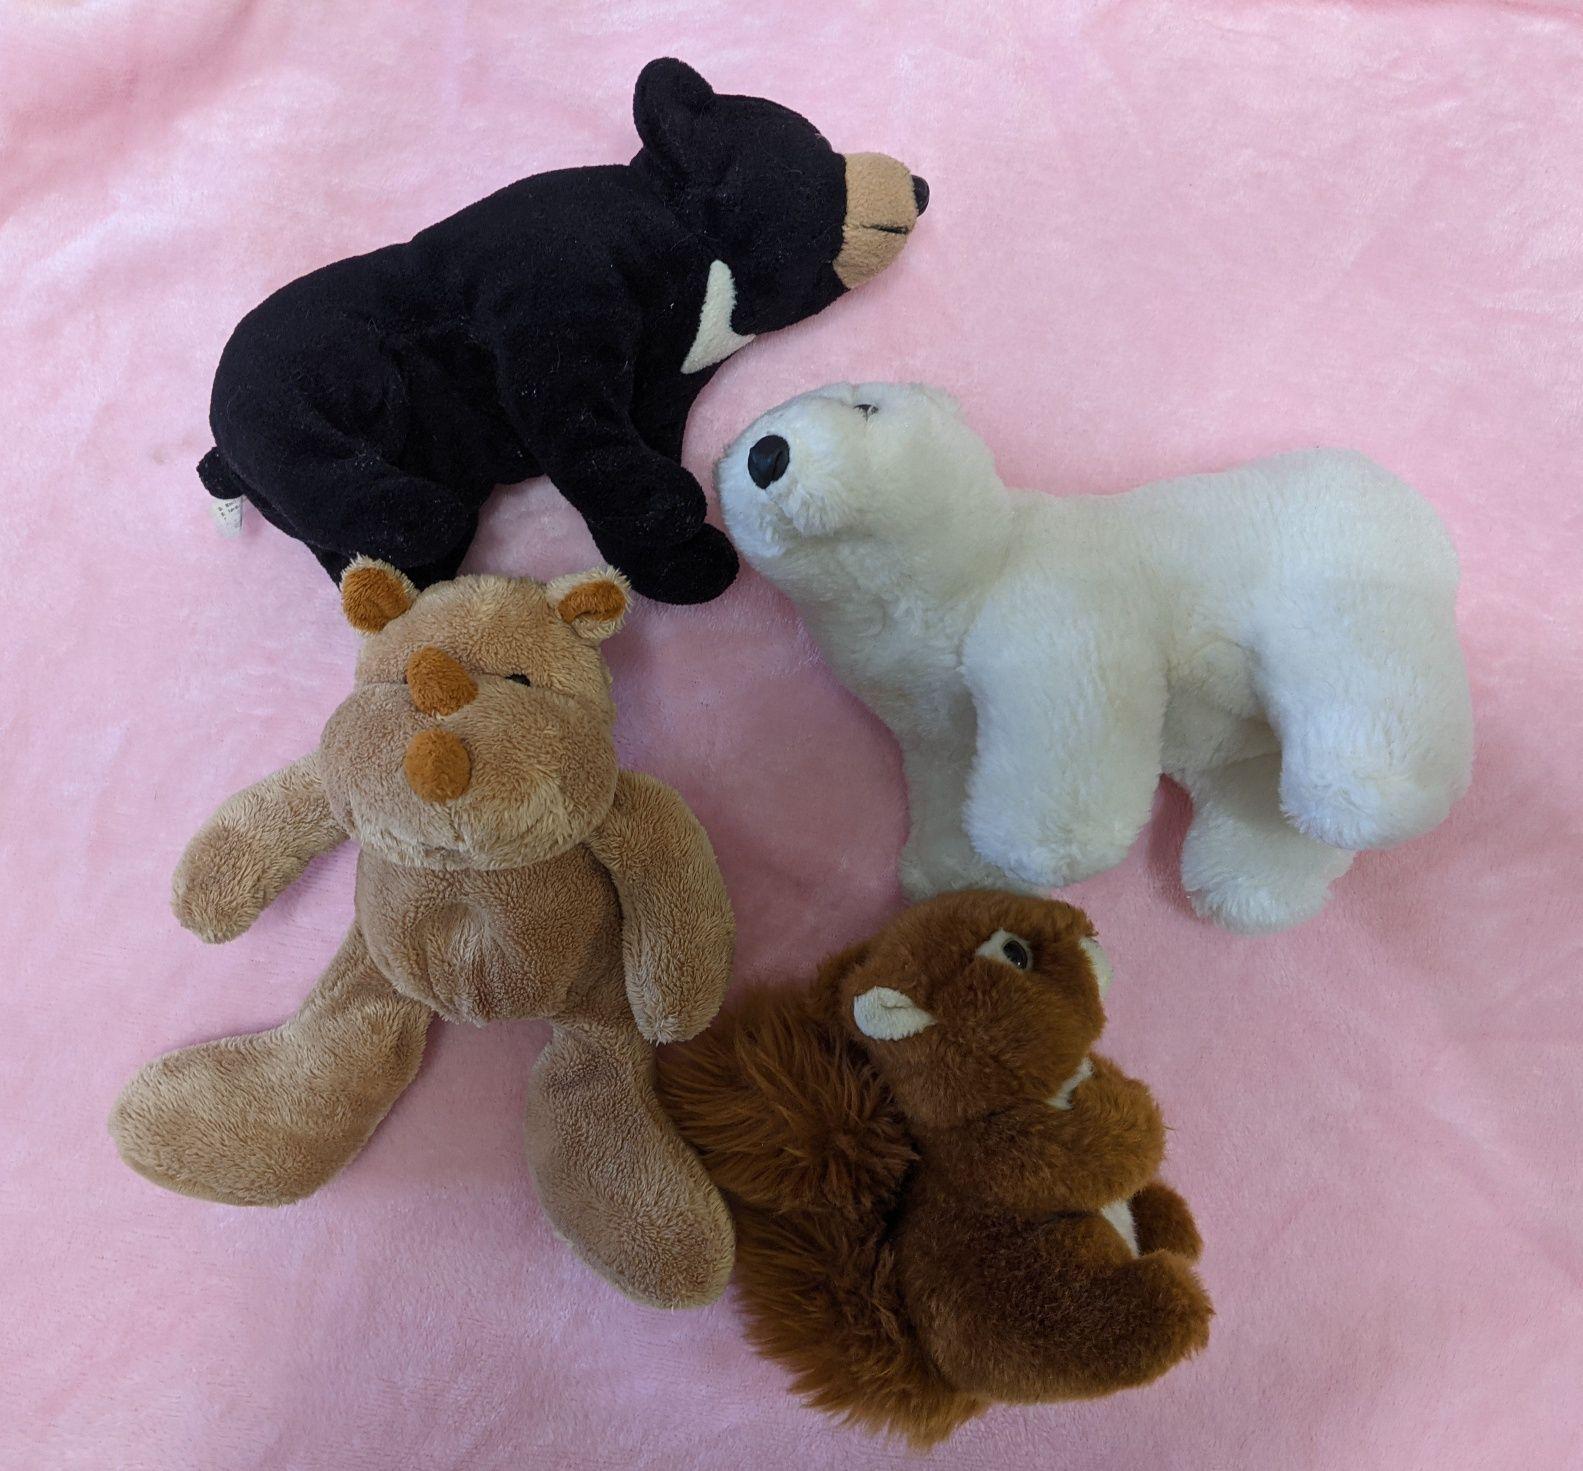 Белка, носорог, белый медведь. Игрушки мягкие.